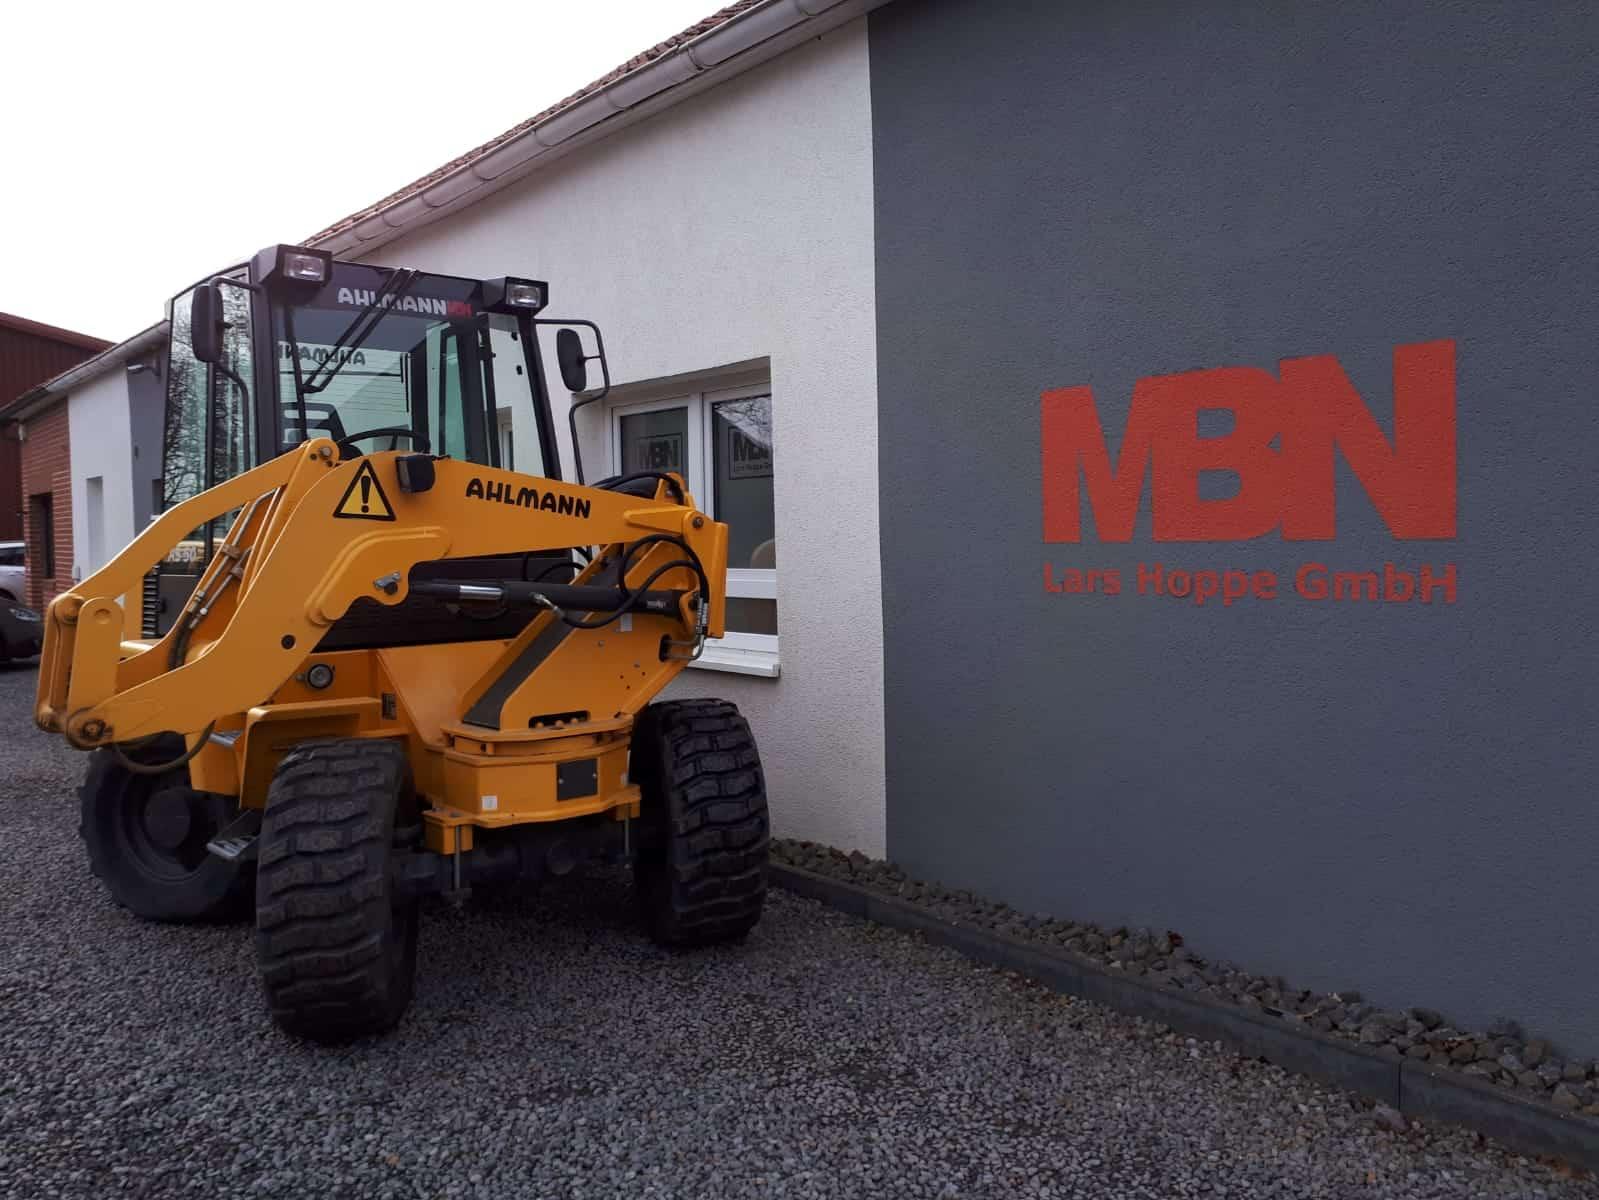 AHLMANN-AS50-gebraucht-kaufen-Radlader-Gebrauchtmarkt-MBN-Baumaschinen-Schwenklader-01